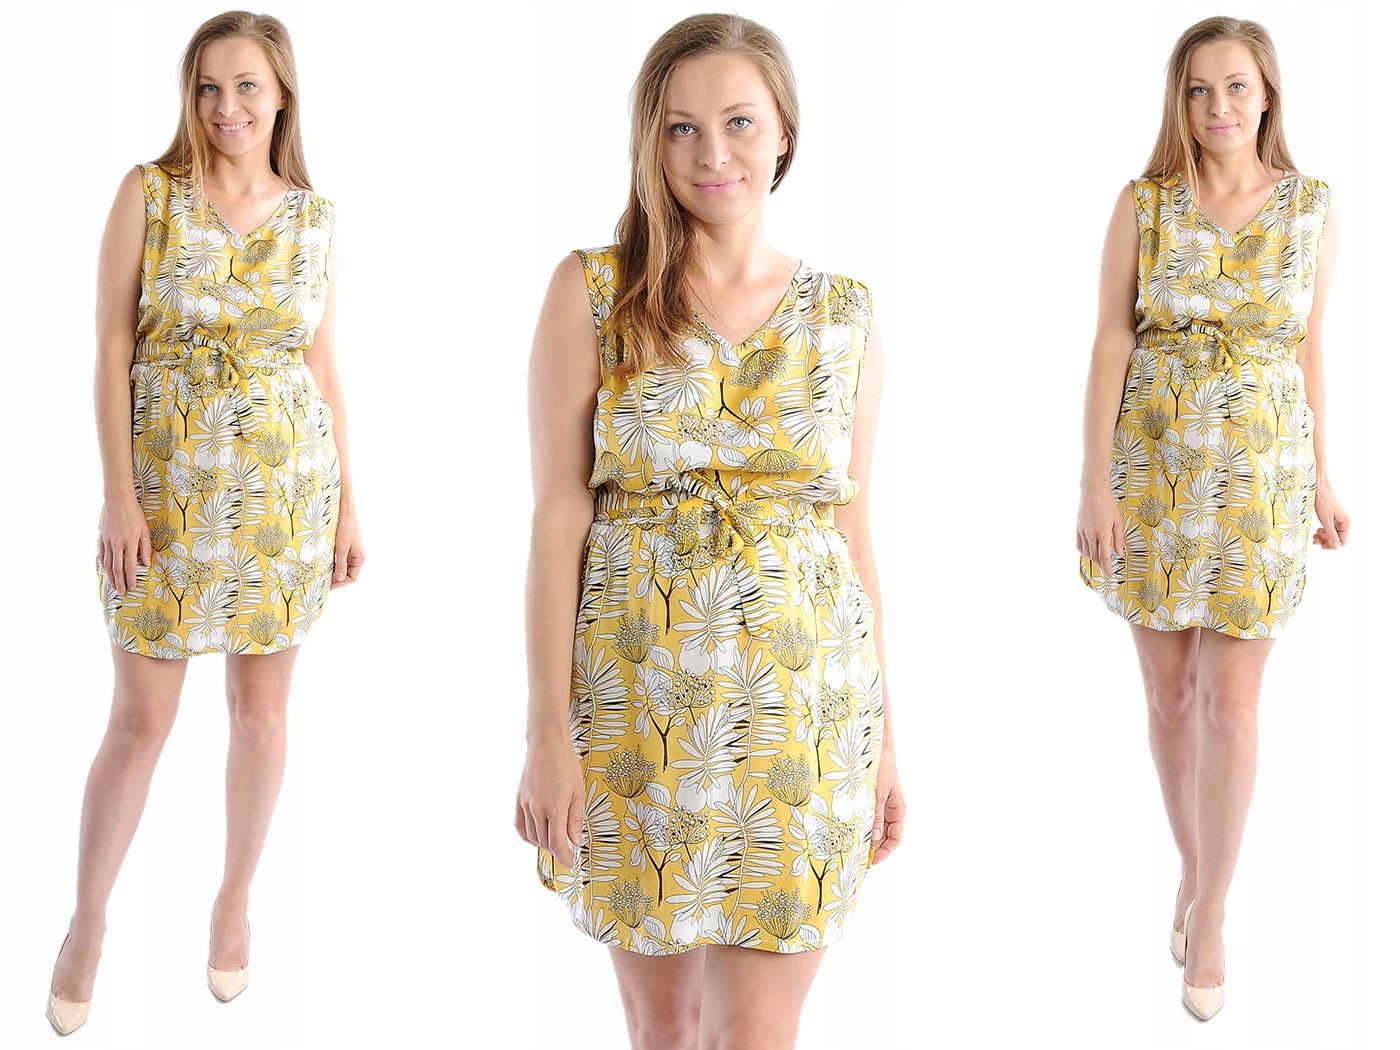 Zwiewna Sukienka Kwiaty Laemi 582 Żółta XL 42